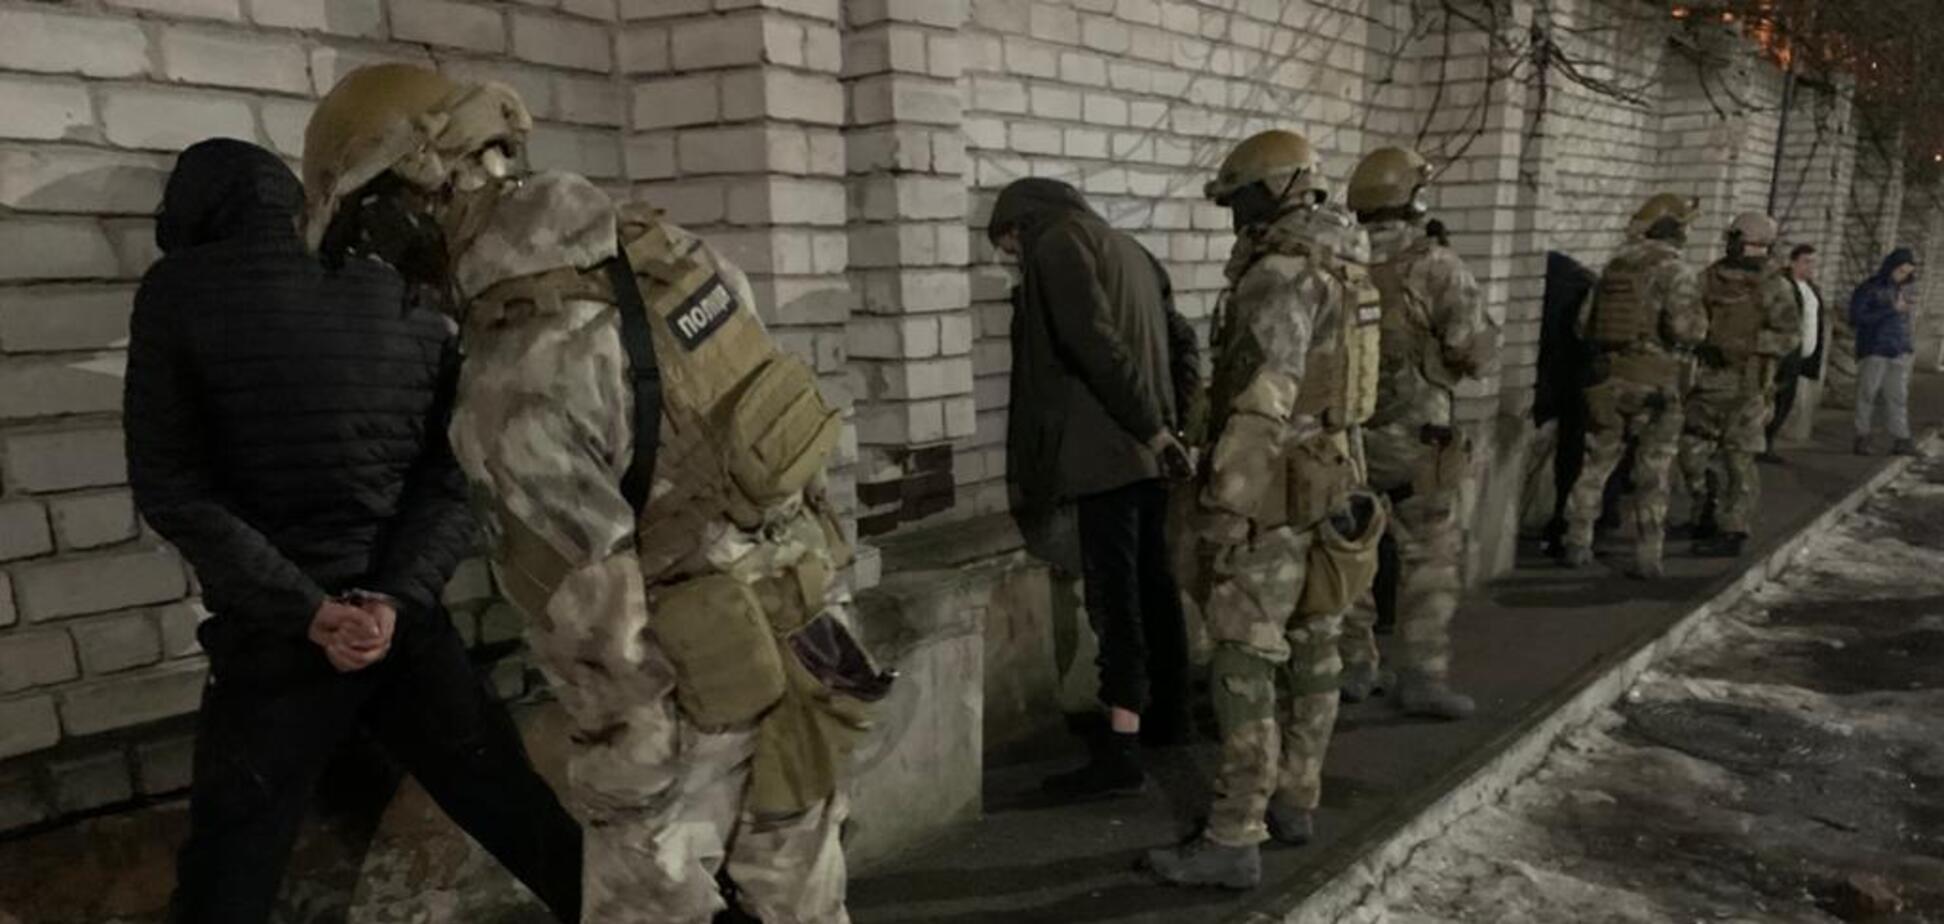 У Дніпрі викрали жінку і вимагали 300 тисяч доларів: подробиці НП